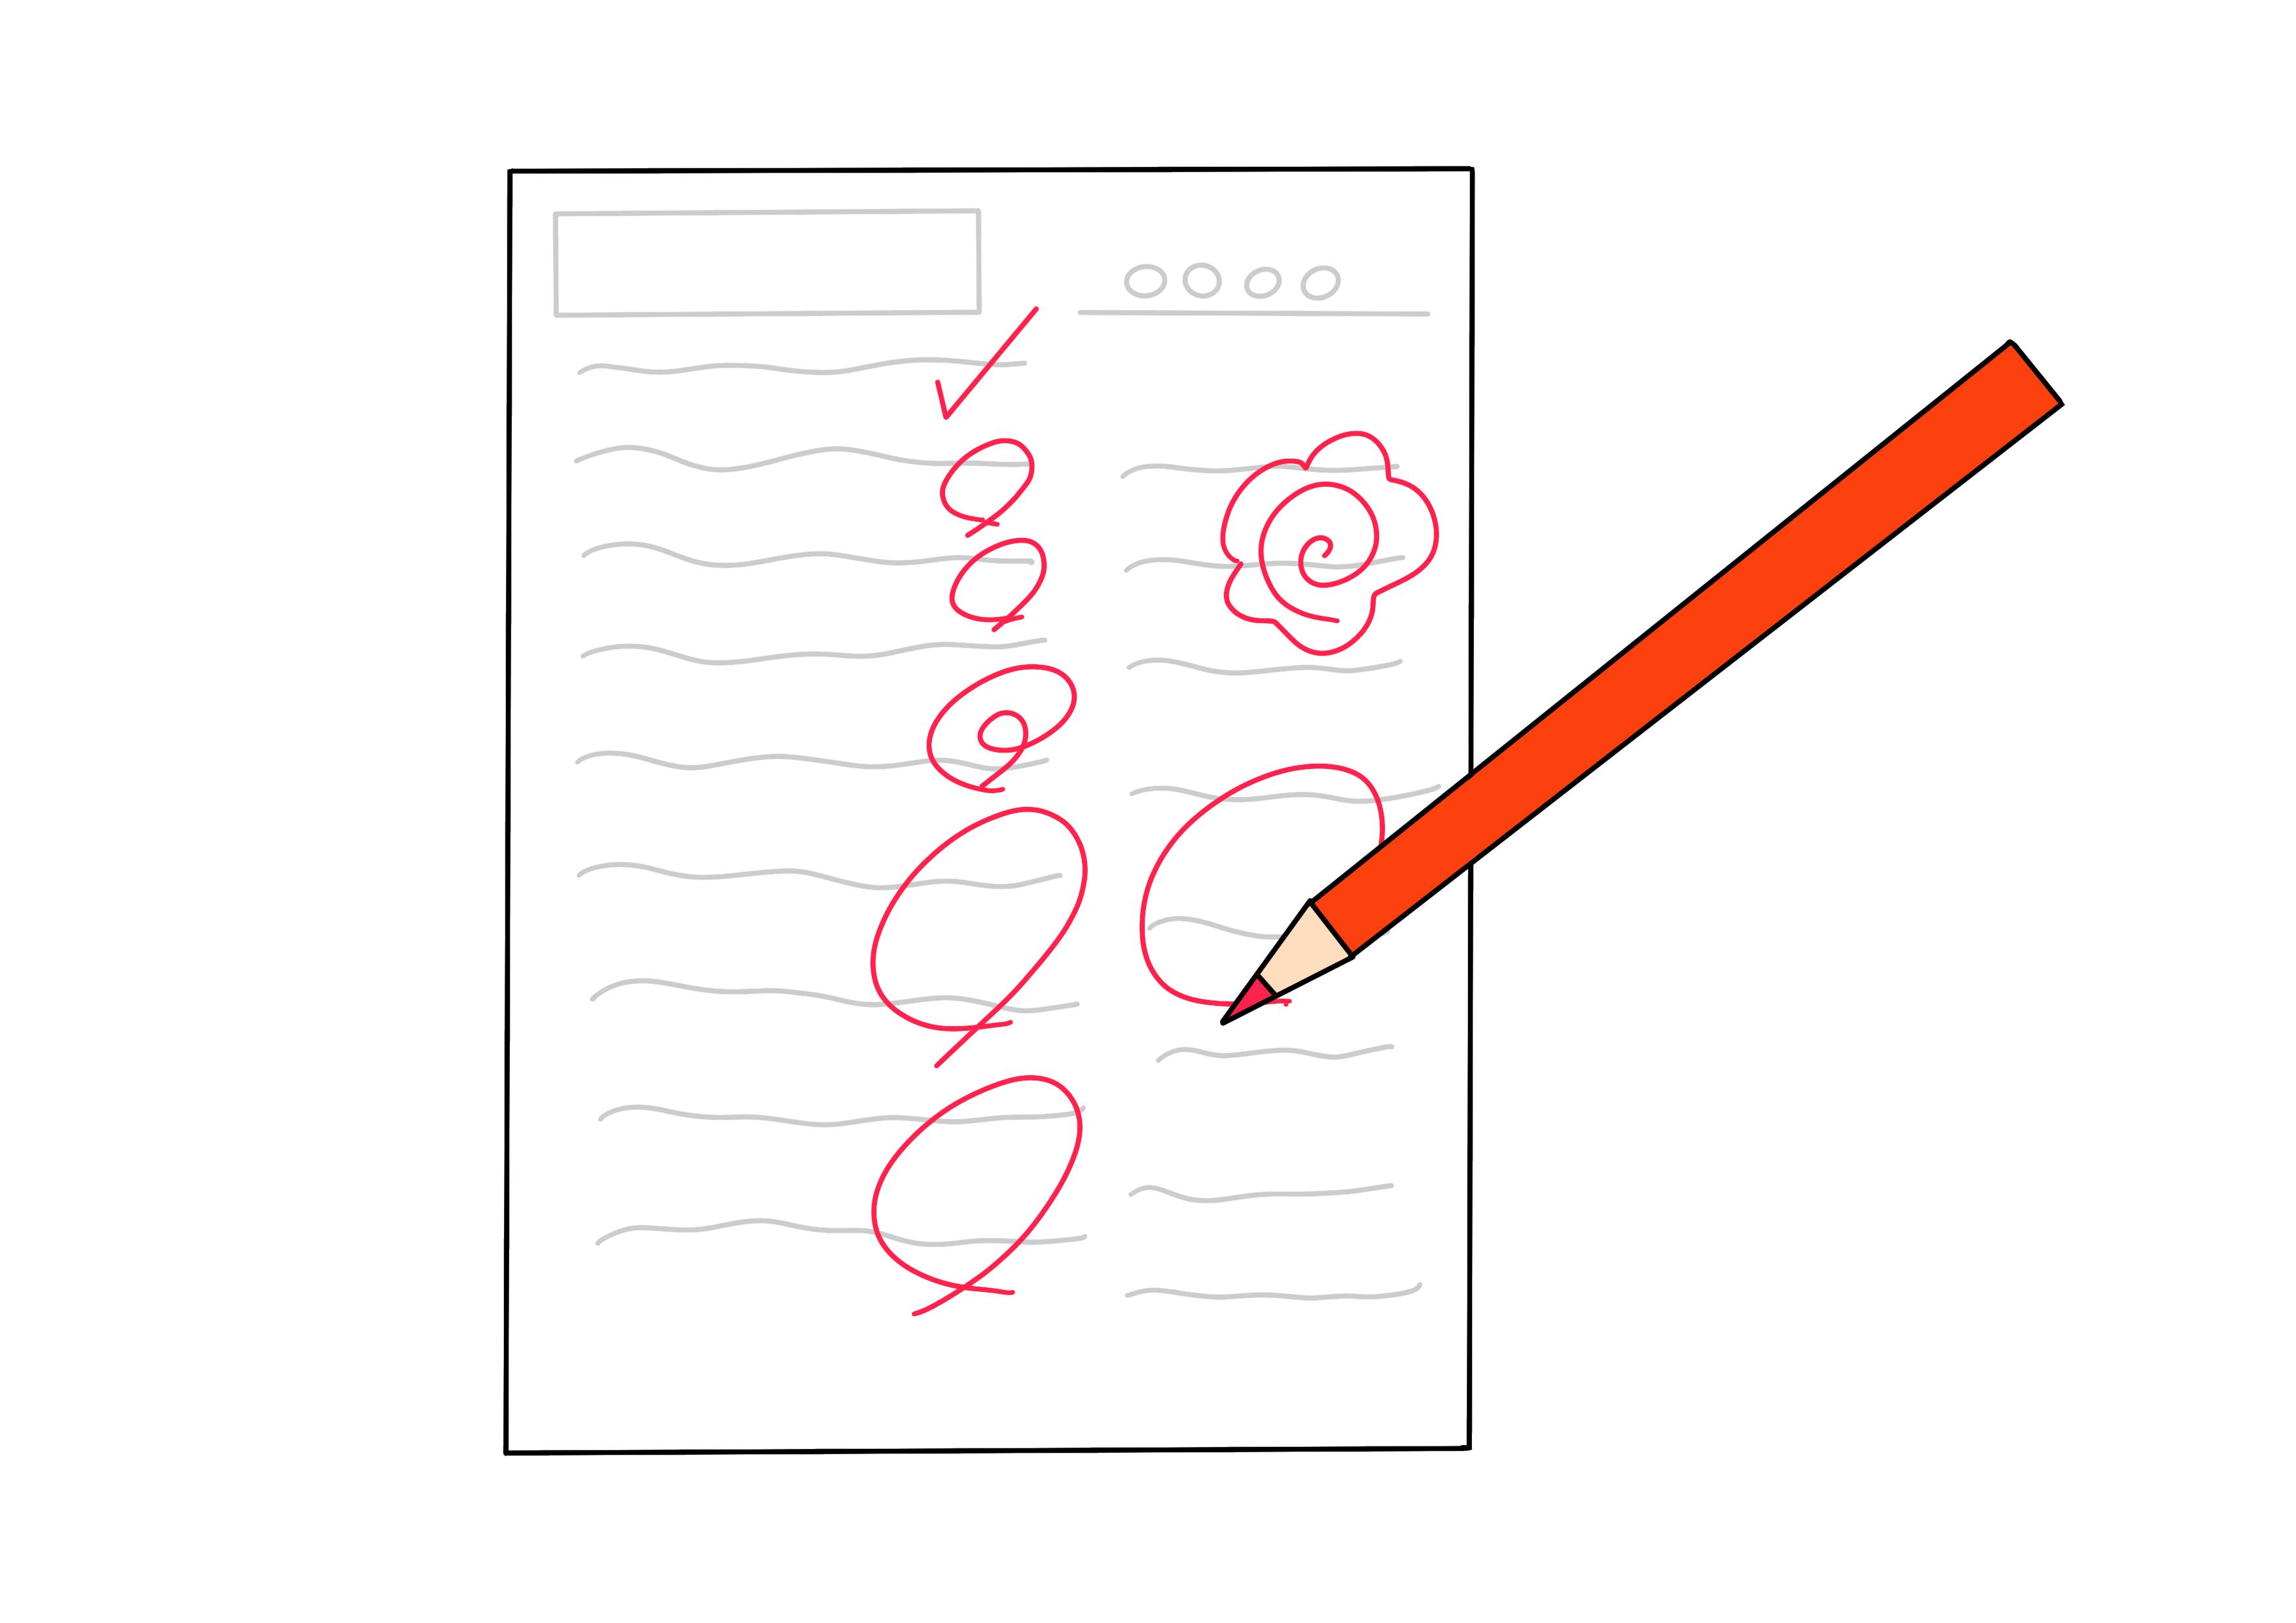 35課イラスト【テストの丸をつける】